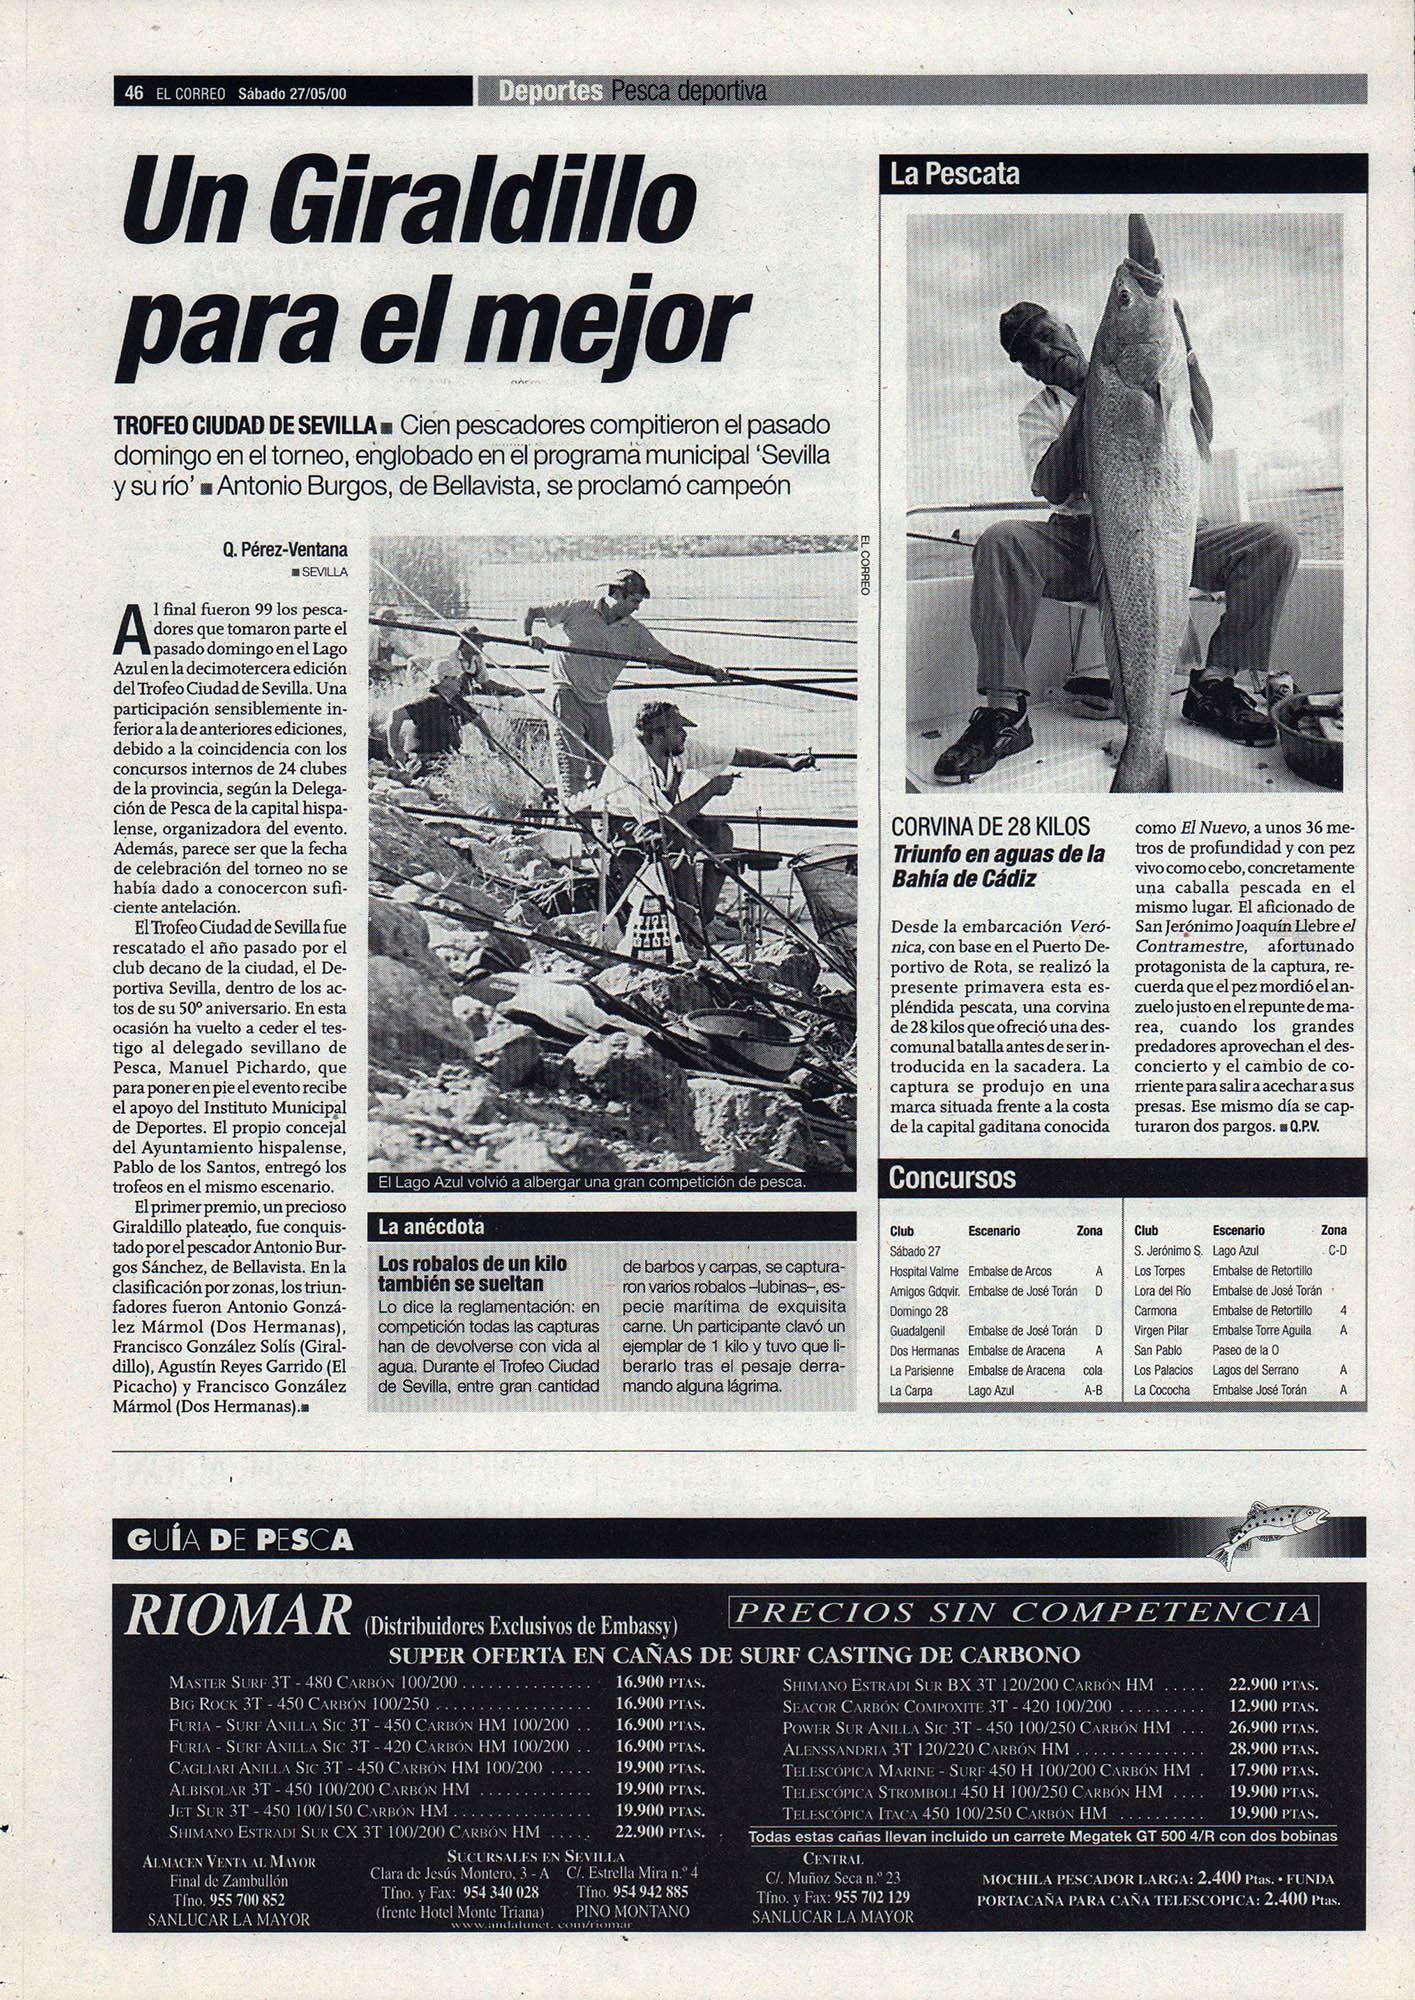 Pesca deportiva / Un Giraldillo para el mejor - Trofeo Ciudad de Sevilla | El Correo de Andalucía | 27 may 2000